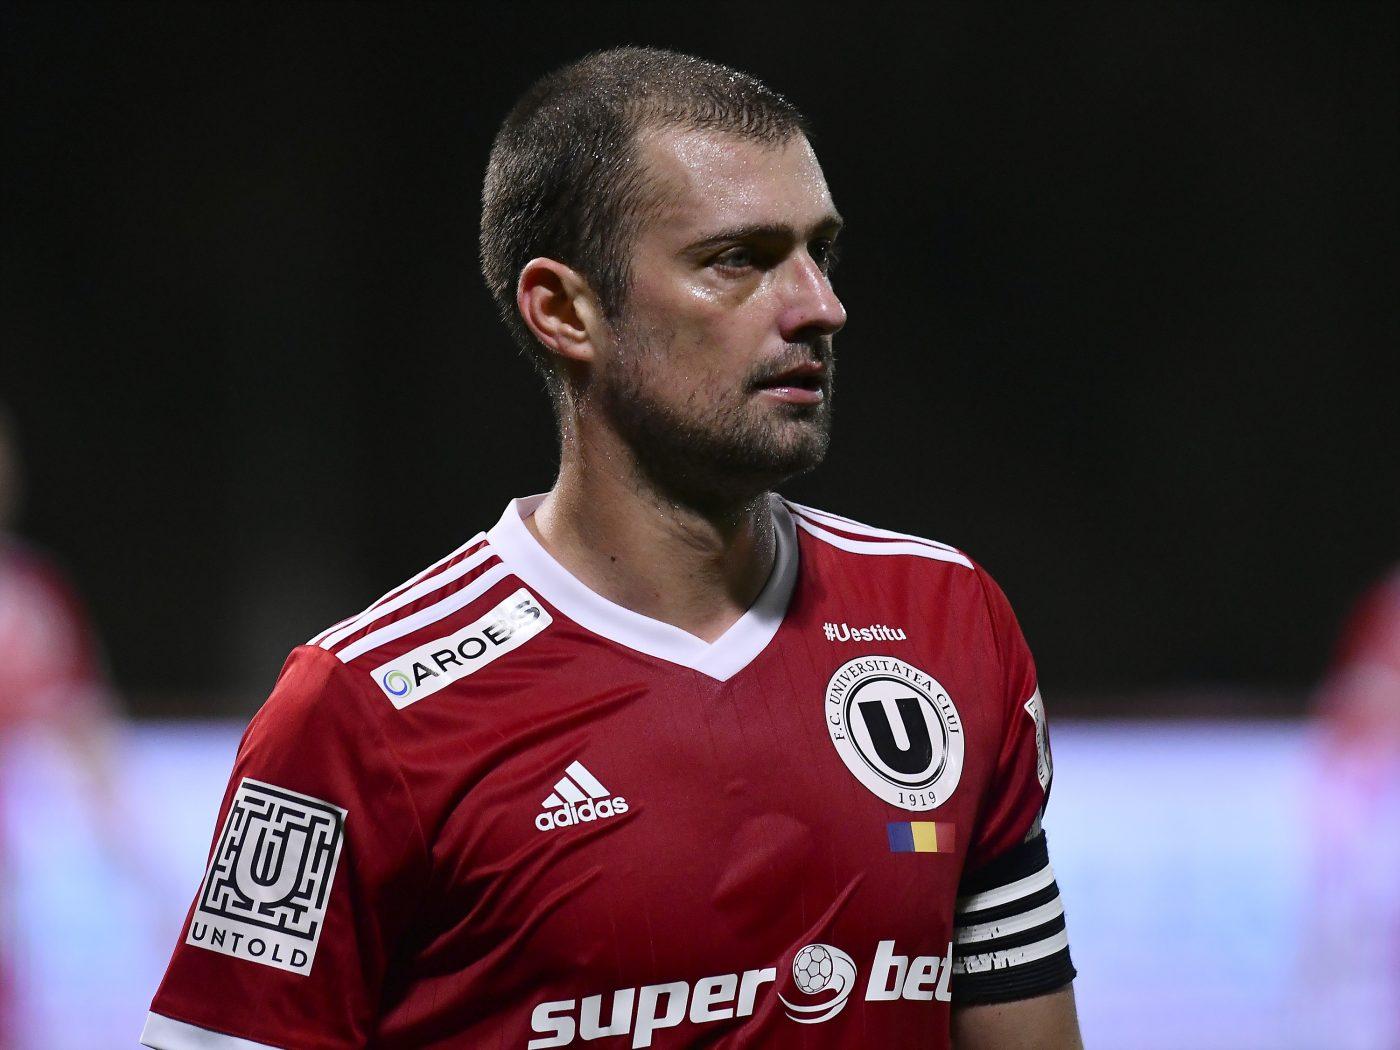 """Gabriel Tamaș a jucat la U doar 9 meciuri, după care a părăsit """"corabia"""" și a semnat cu Voluntari, în Liga 1"""